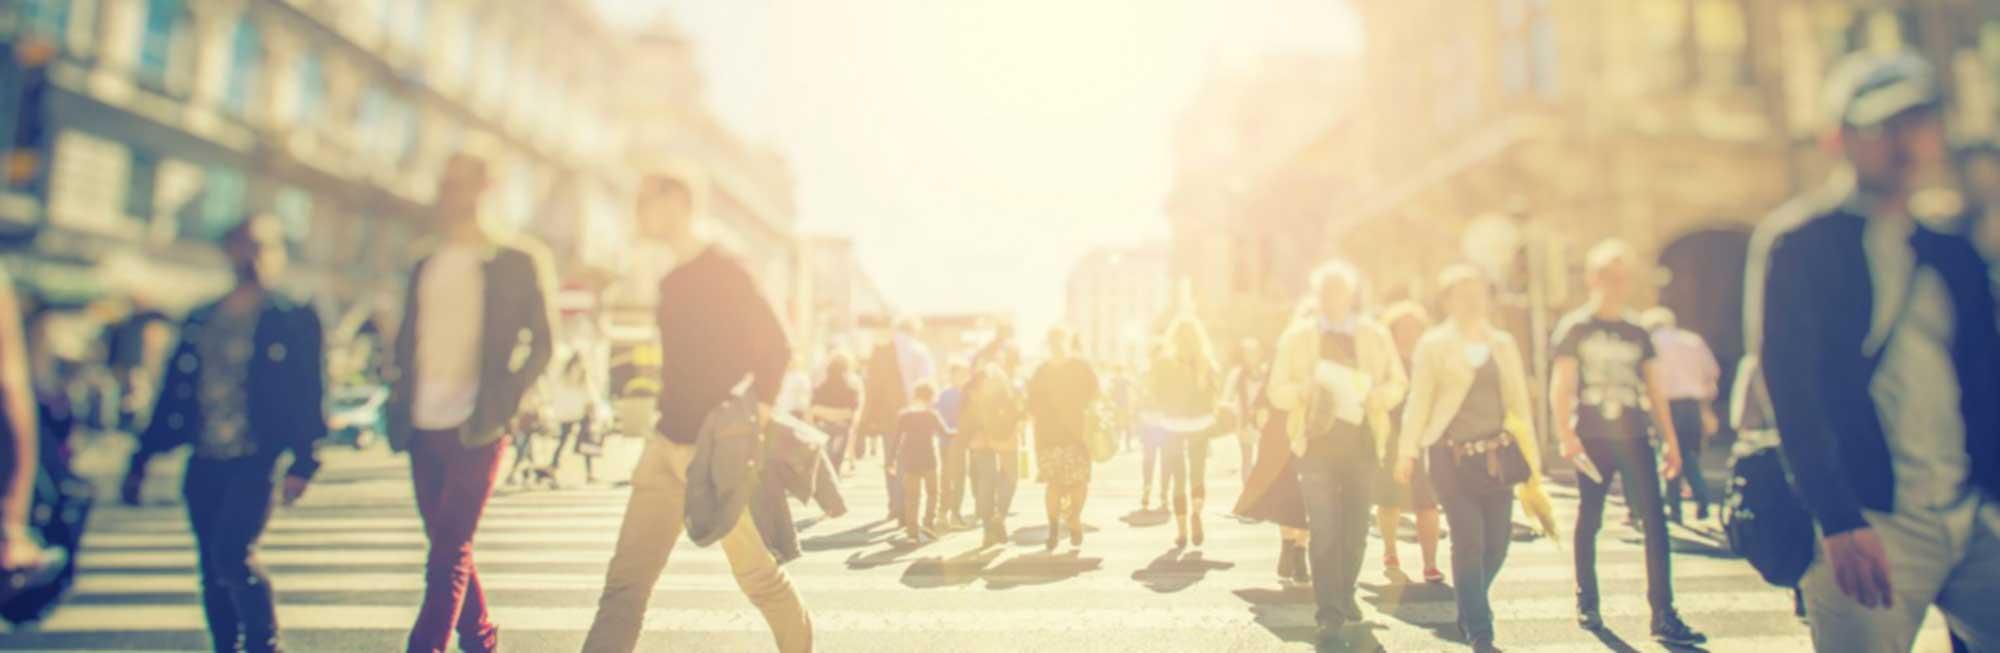 Menschen flanieren durch Sonnenlicht